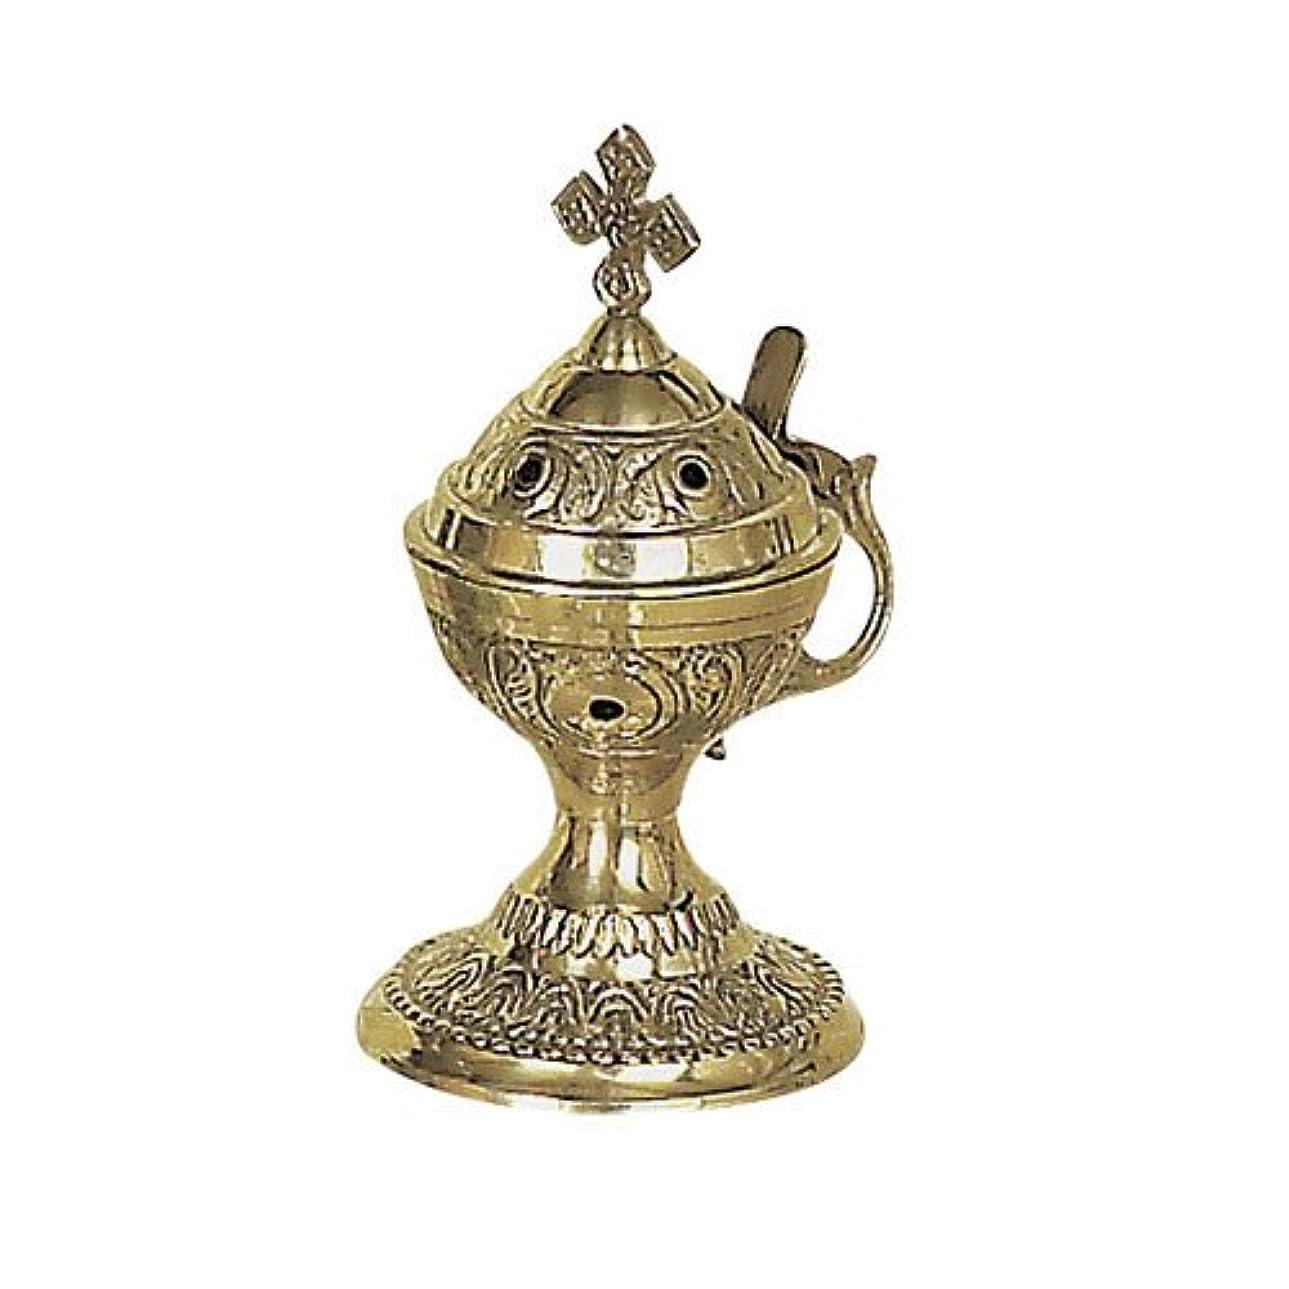 市民権パーフェルビッド液化するChristian Byzantine Orthodox Greek Colored香炉香炉Liturgy78 C